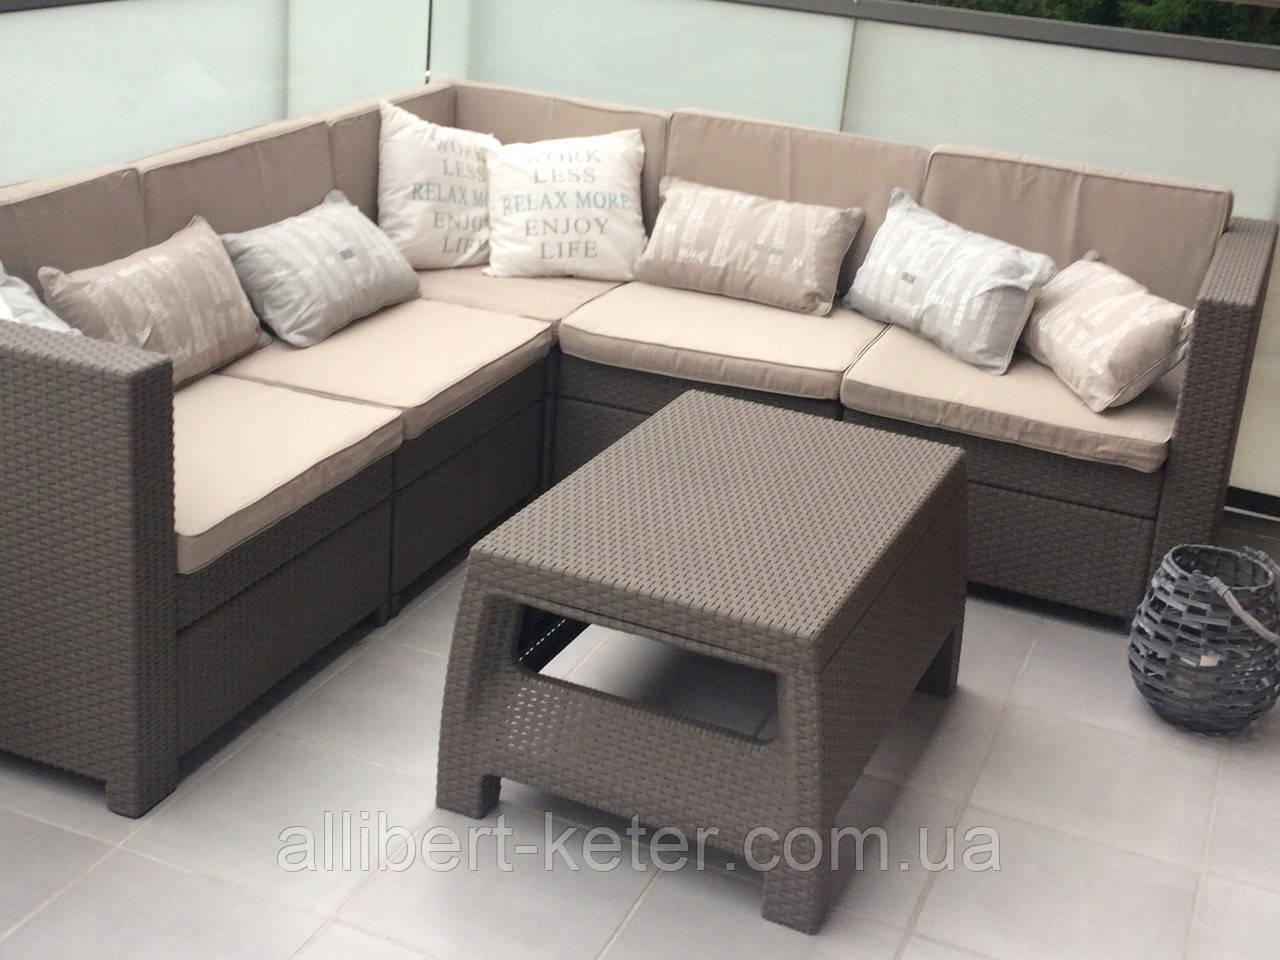 Комплект садовой мебели Curver Provence Set